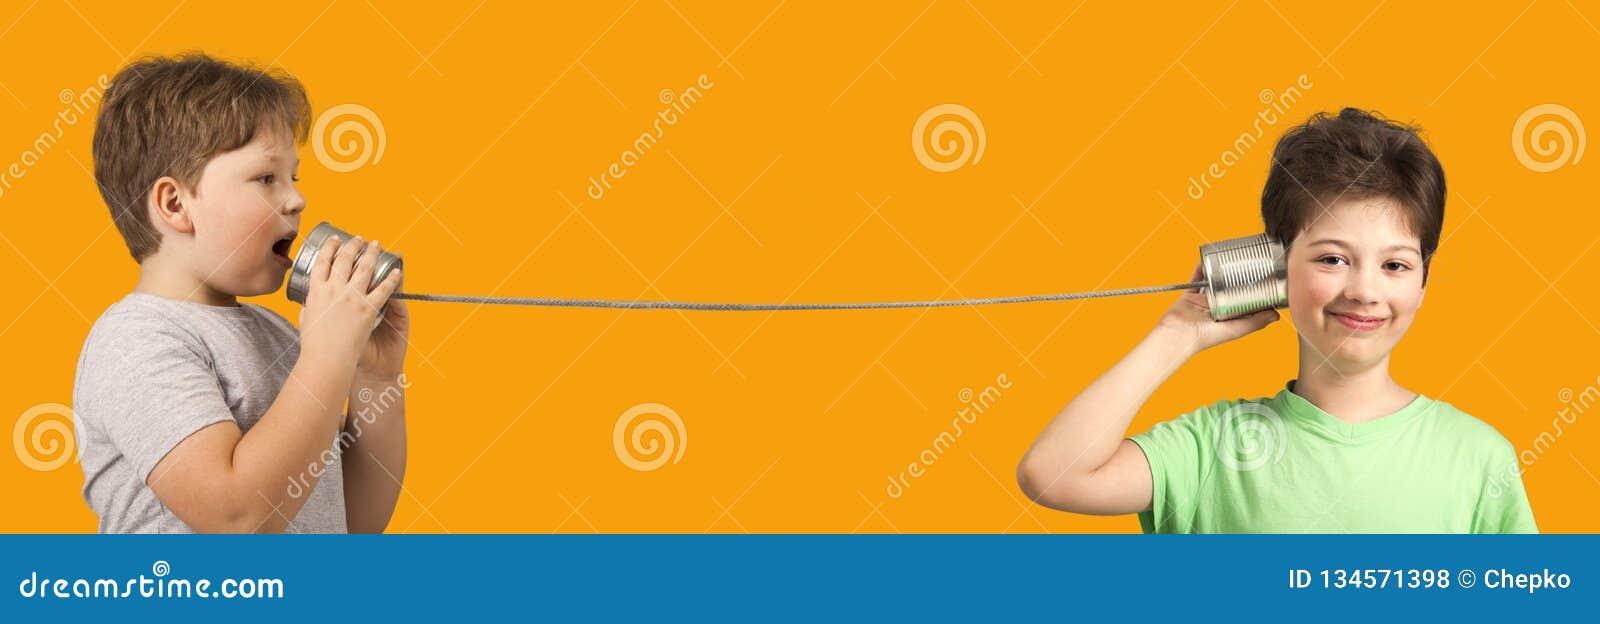 Chłopiec Bawić się z Blaszanej puszki telefonem Odizolowywający na Pomarańczowym tle